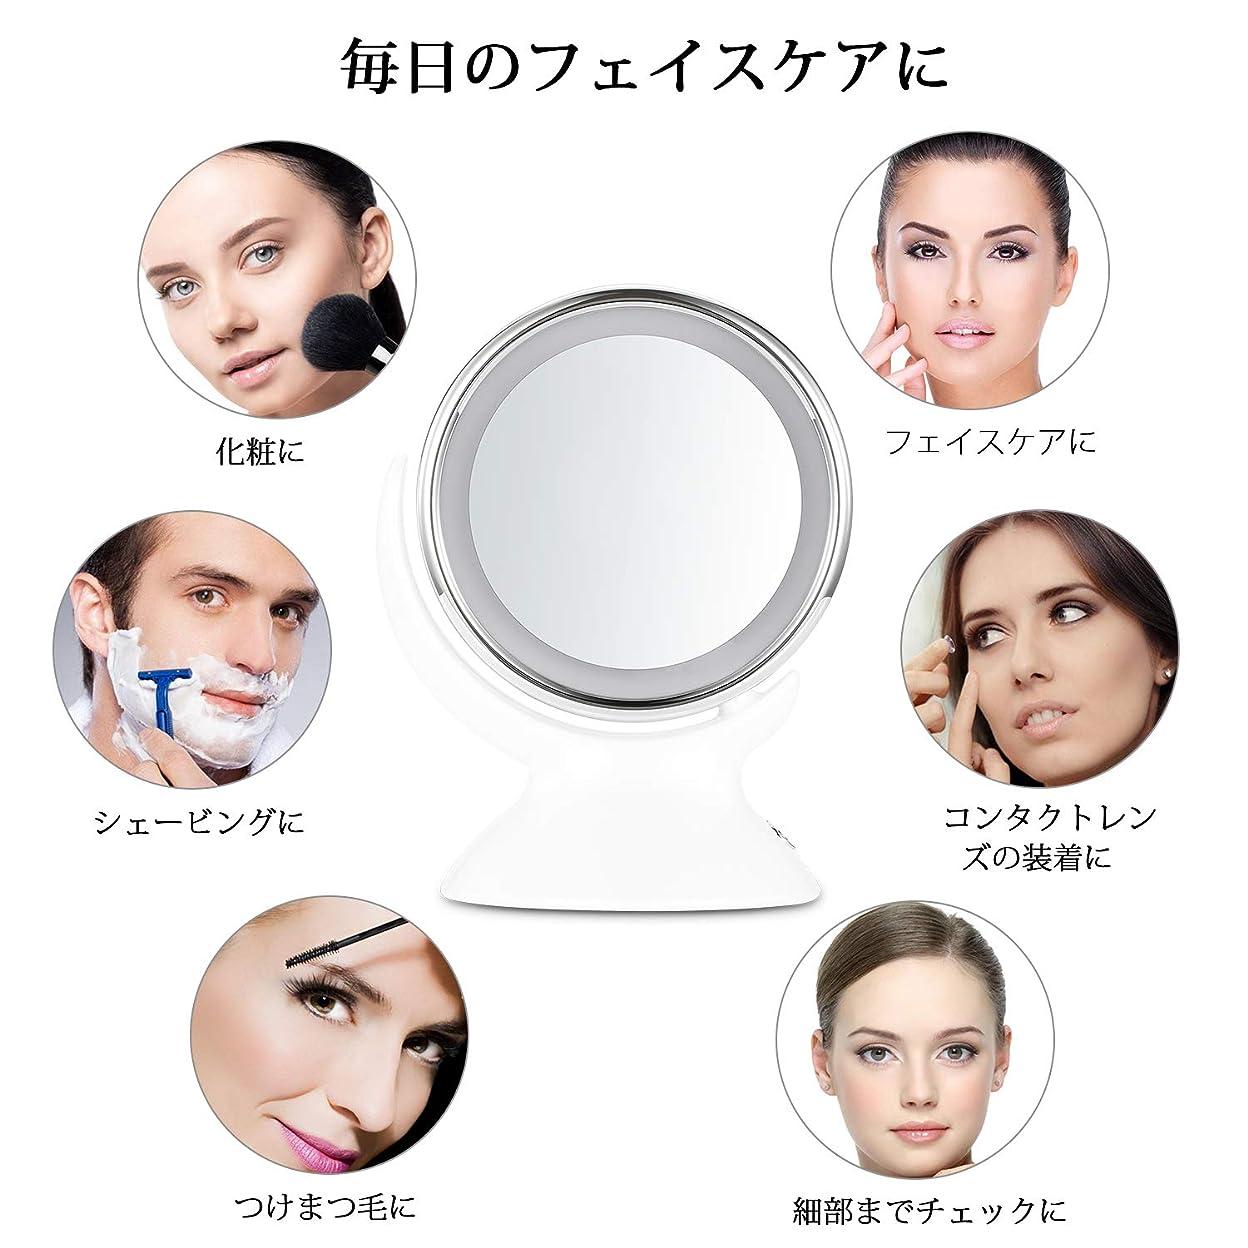 アンケートアンケートディスパッチ卓上ミラー Nexgadget LED ミラー 鏡 両面鏡 5倍 拡大鏡 女優ミラー 360度調整可能 単三電池付